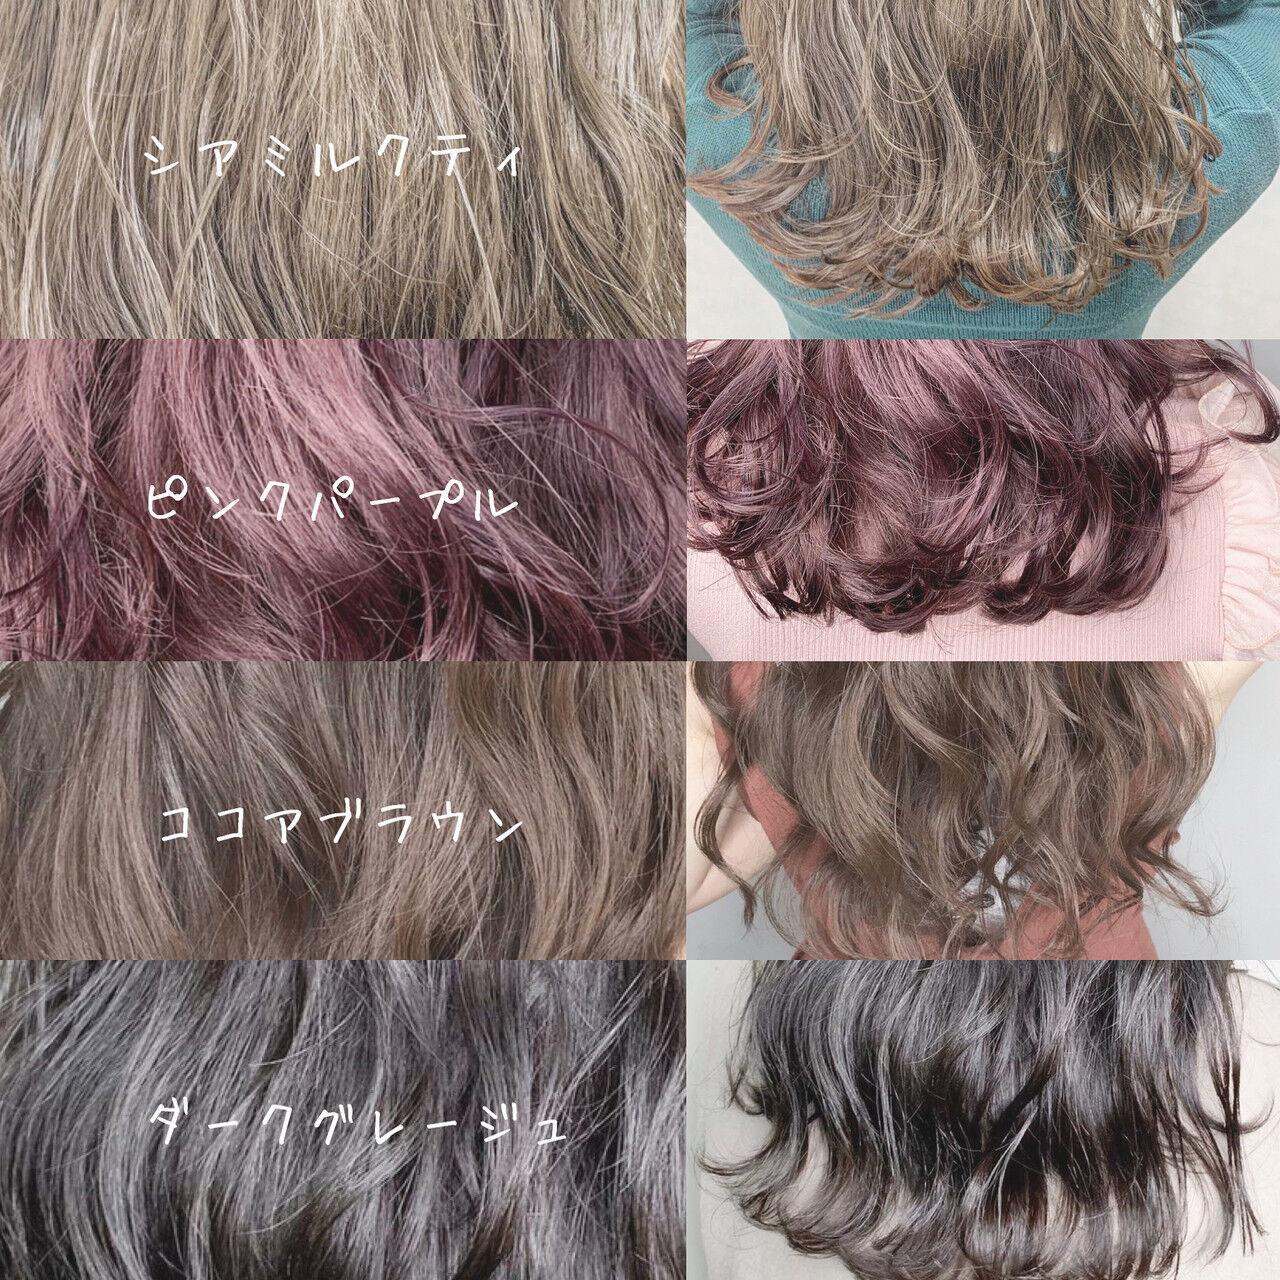 ピンクベージュ ラベンダーグレージュ ミルクティーベージュ グレージュヘアスタイルや髪型の写真・画像